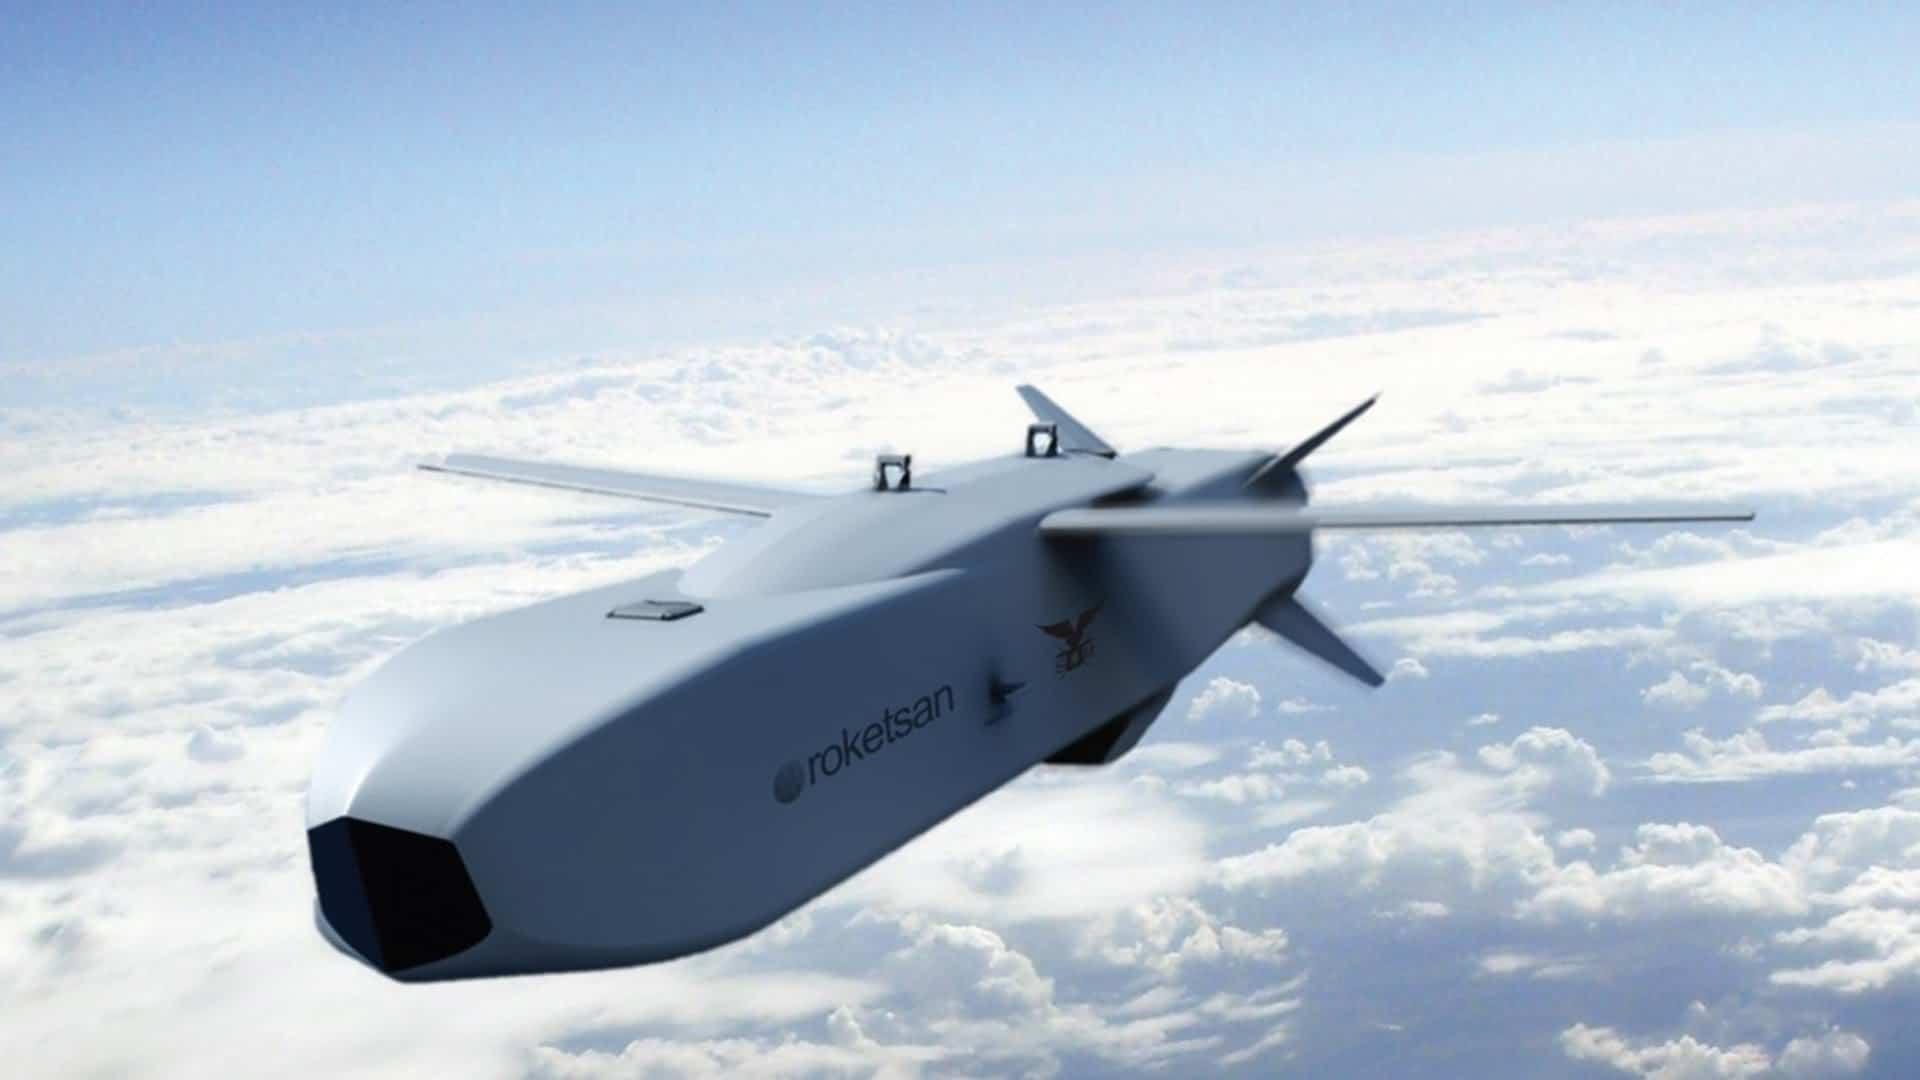 Туреччина замовила в Україні двигун для своєї крилатої ракети